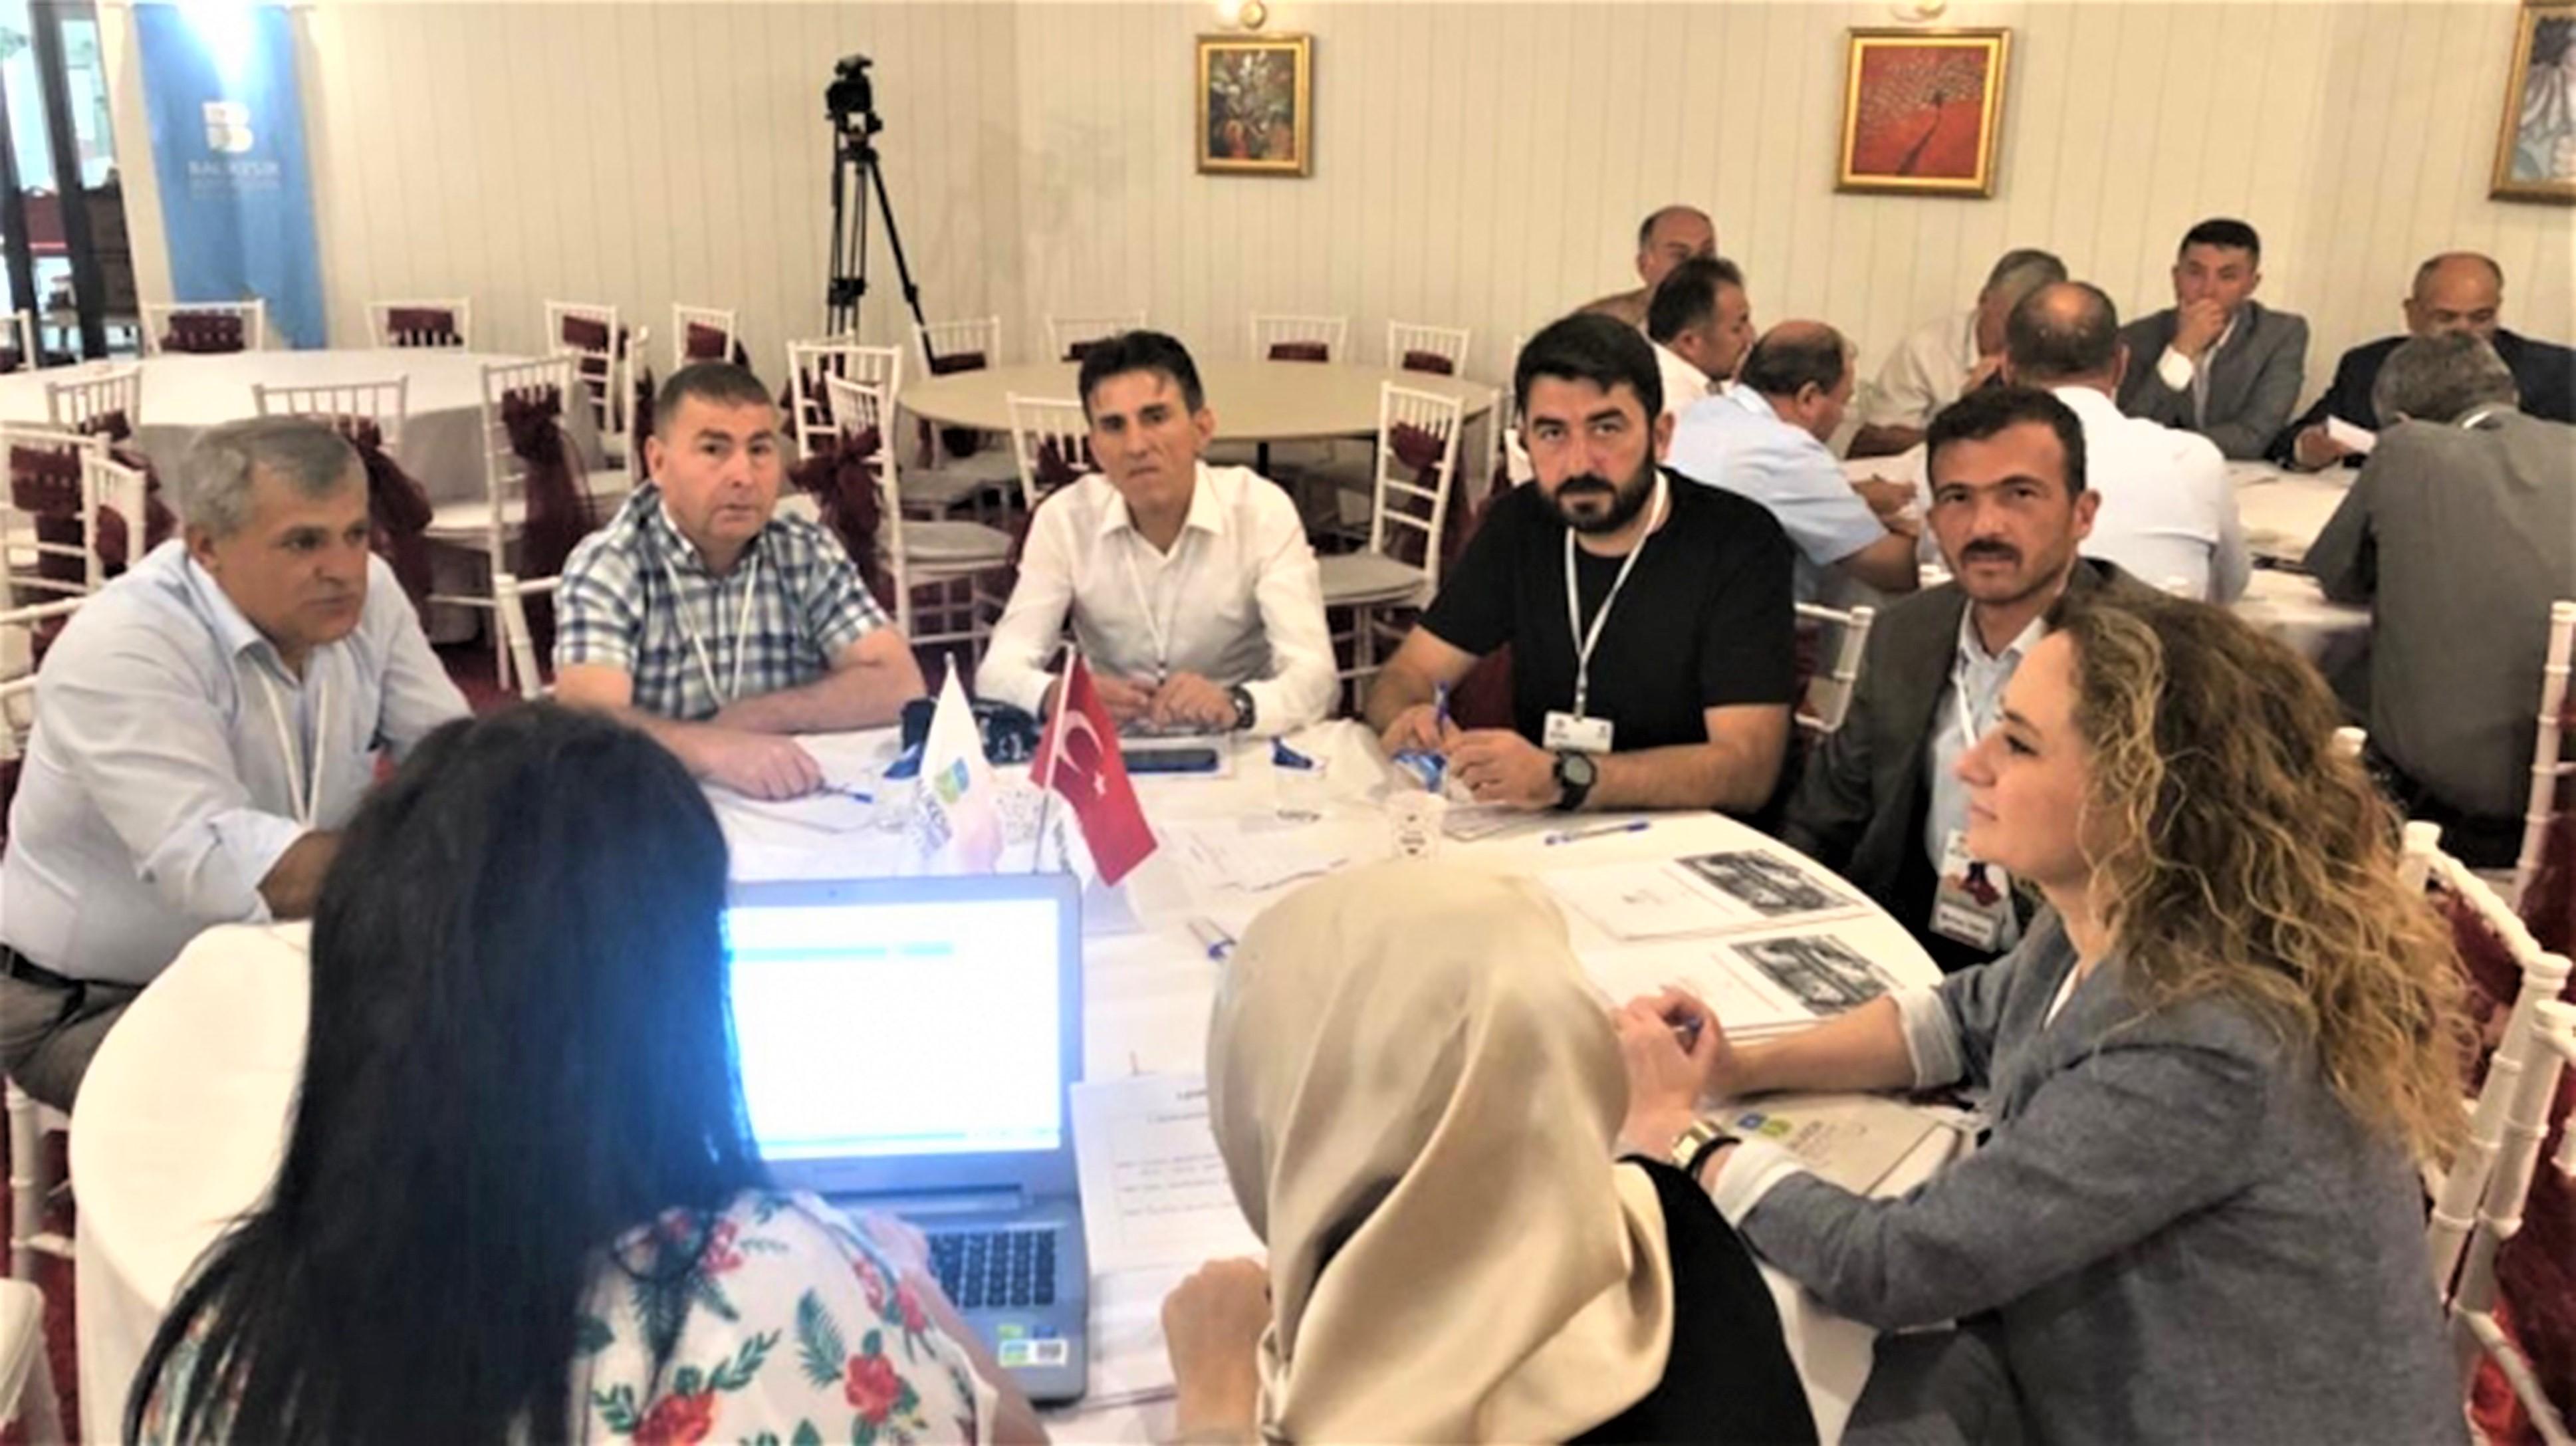 Dursunbey Arama Kurtarma Ekibi (DAK) Afad Gönüllüleri